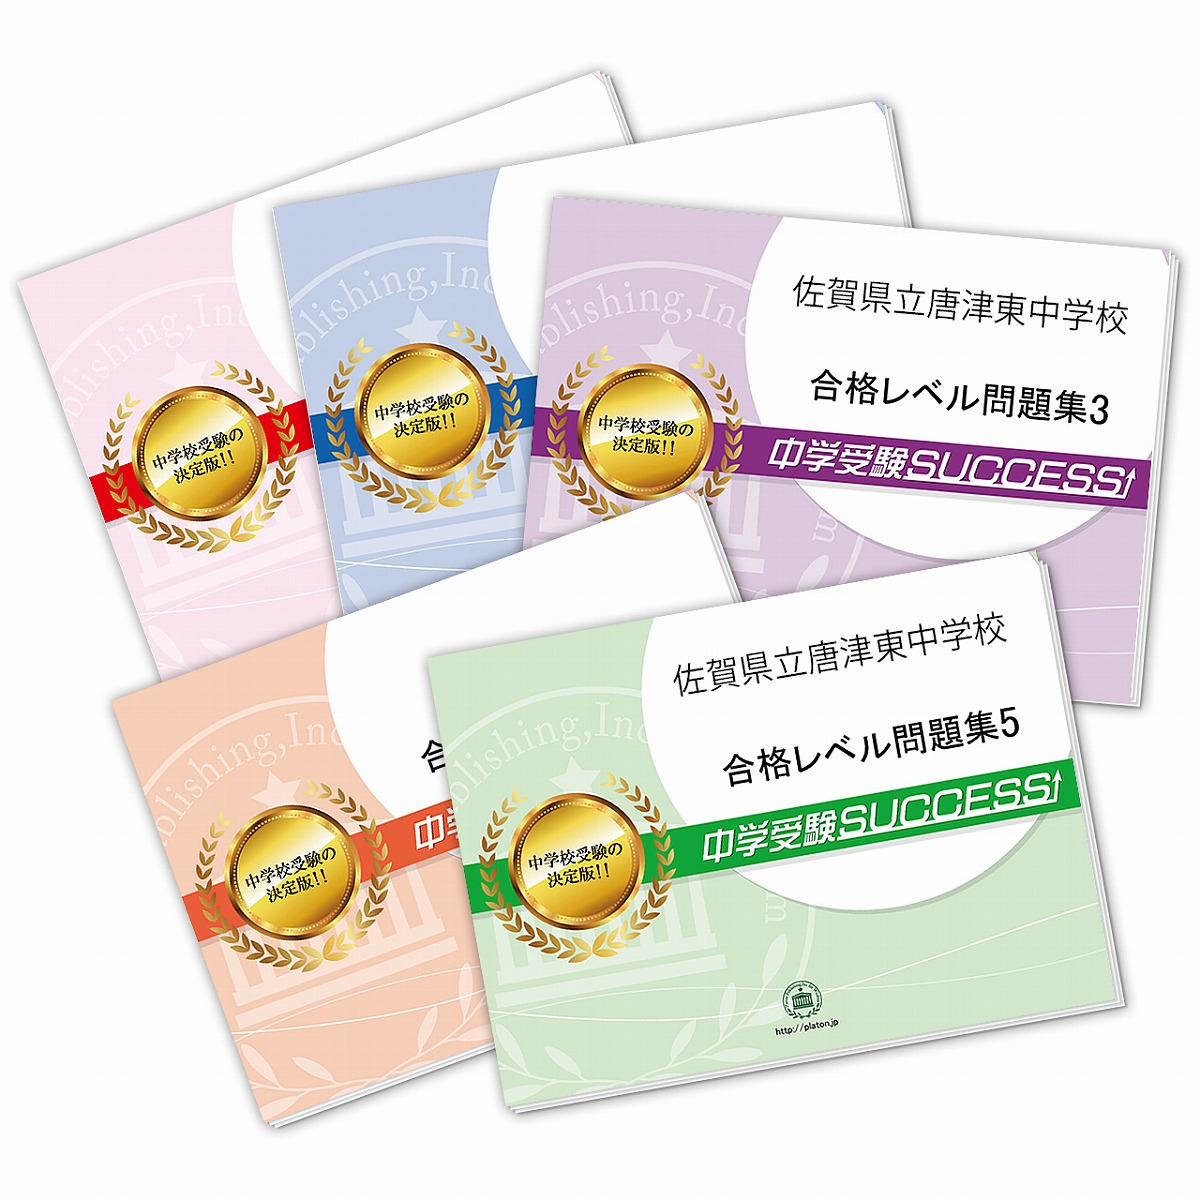 送料 初売り 代引手数料無料 有名な 佐賀県立唐津東中学校 直前対策合格セット 5冊